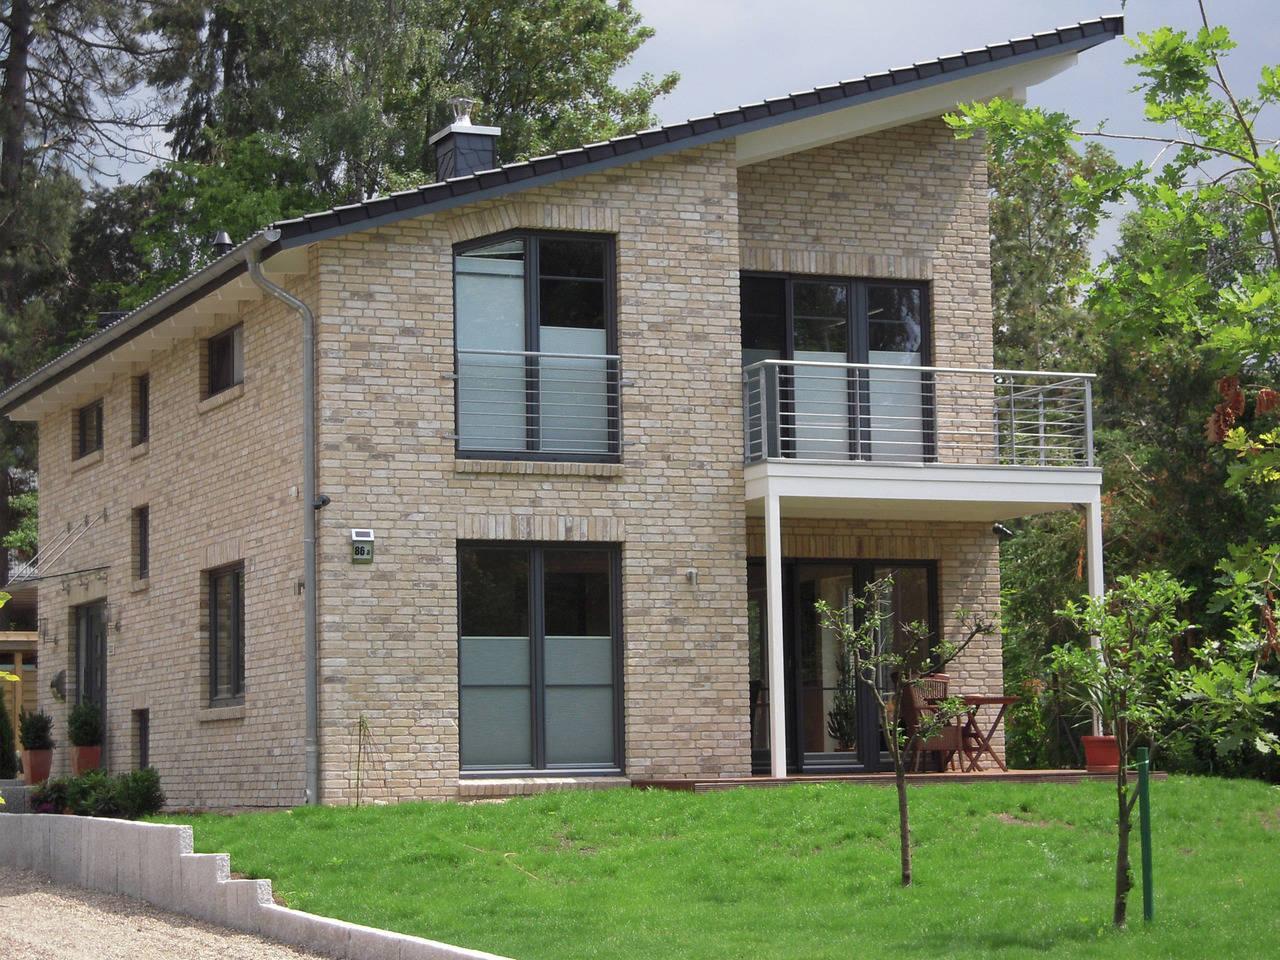 Haus 15 - Pultdachhaus